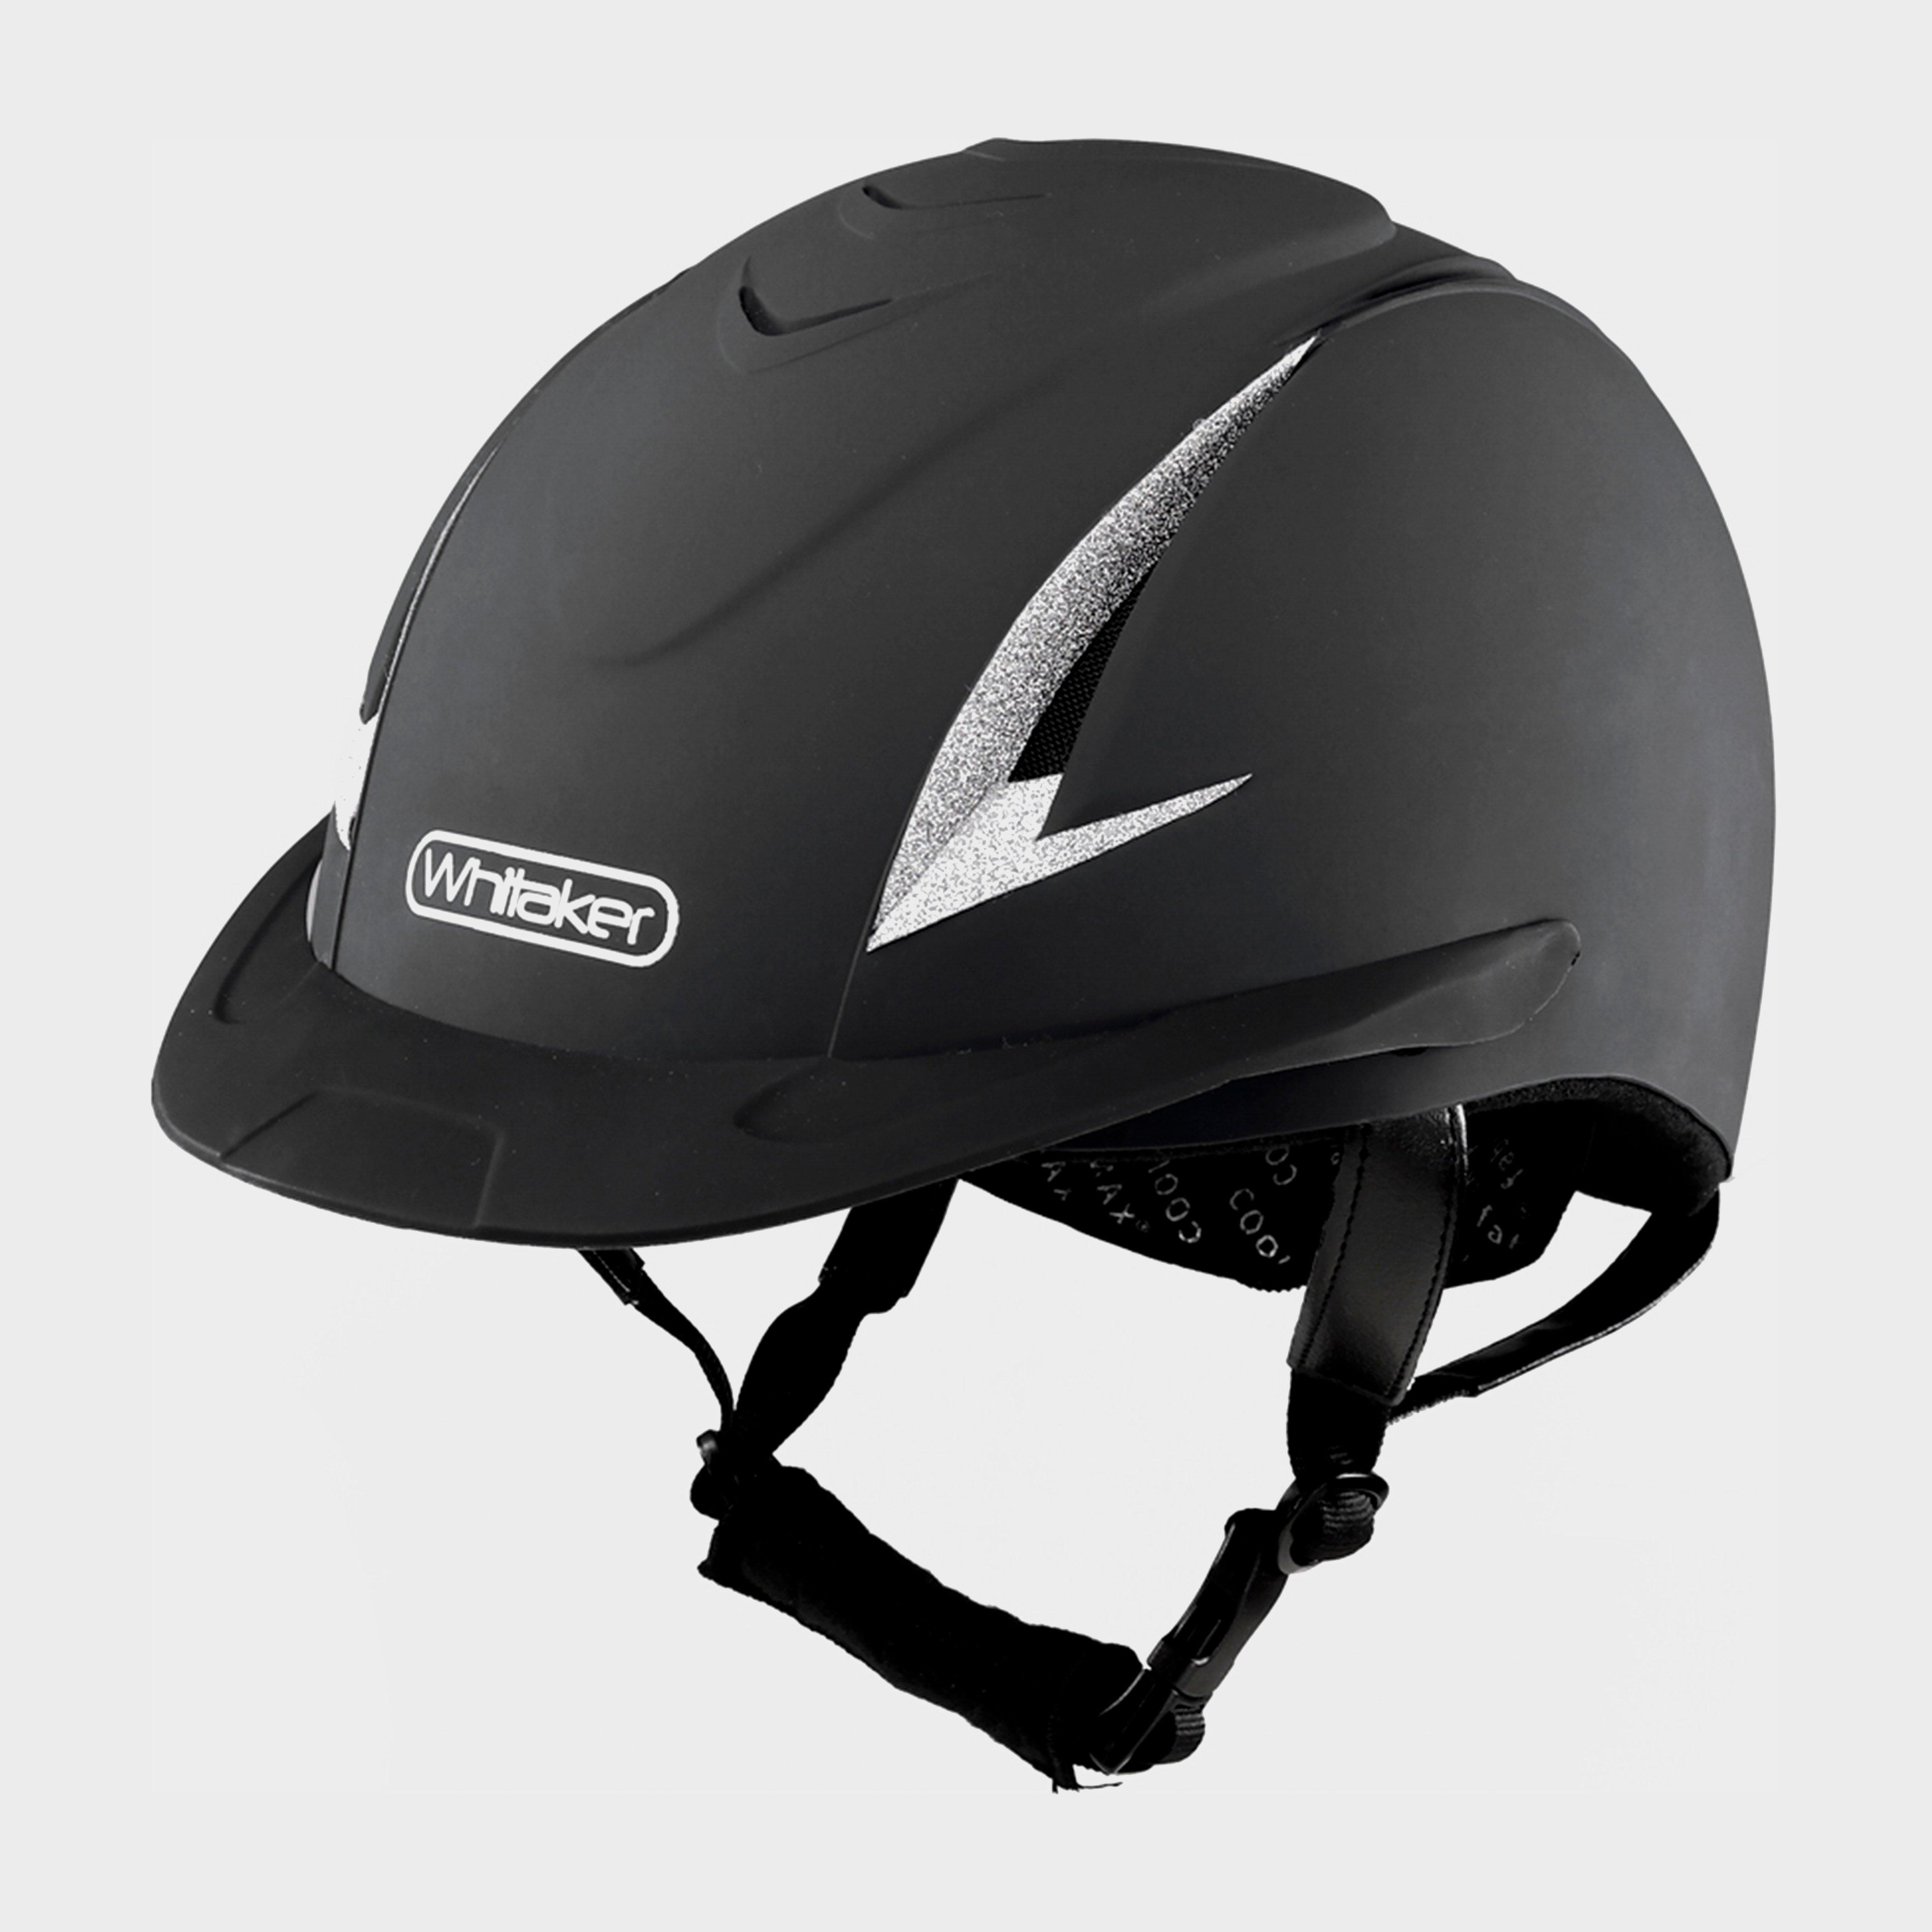 Image of Whitaker Nrg Sparkle Helmet - Black/Black, Black/Black